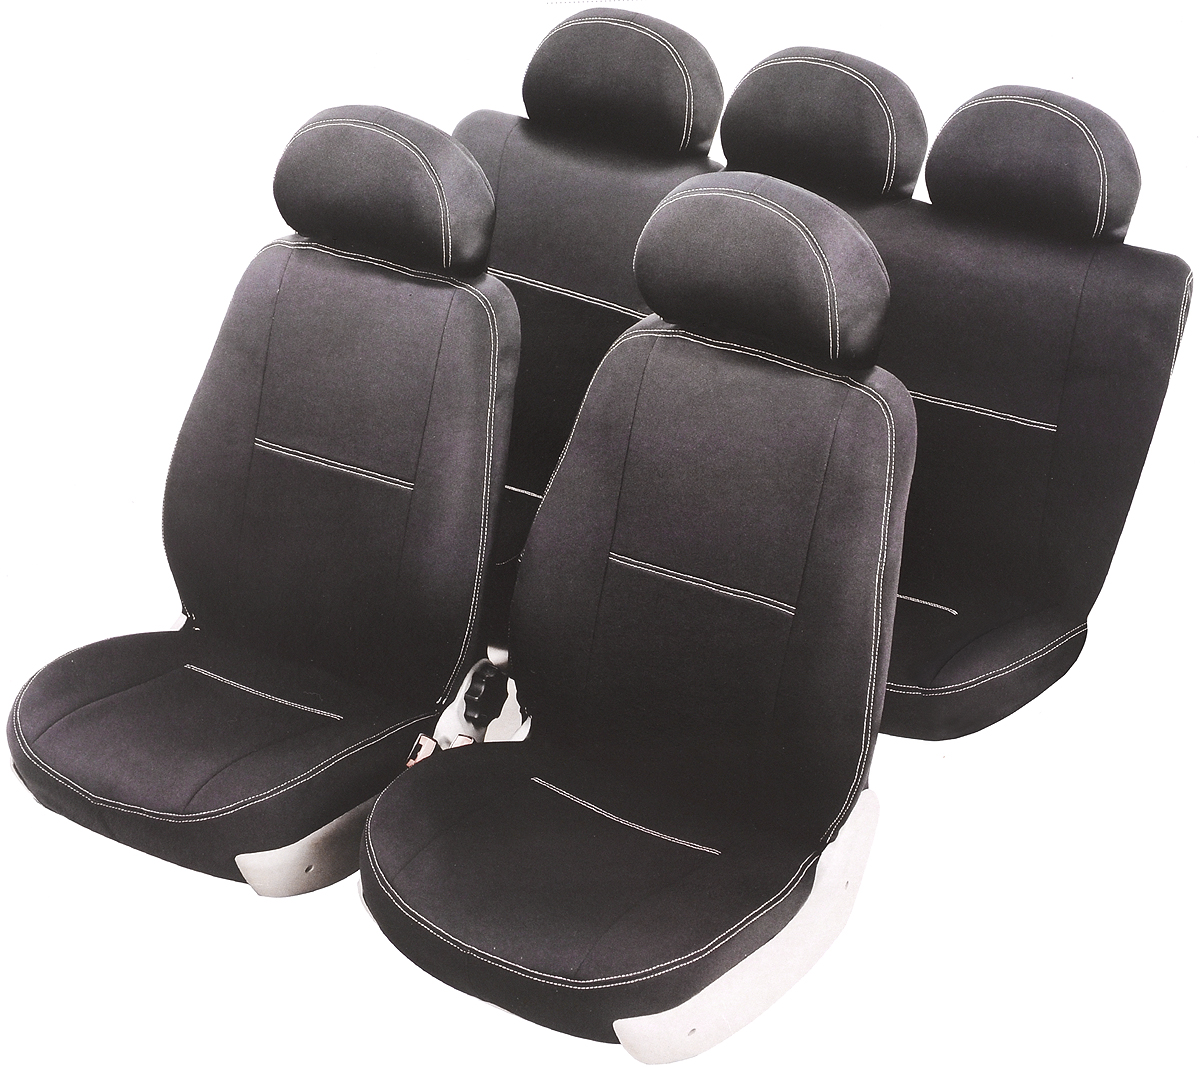 Чехлы автомобильные Azard Standard, для Renault Logan 2004-2013 седан, 8 предметовA4013571Модельные чехлы из полиэстера Azard Standard. Разработаны в РФ индивидуально для каждого автомобиля.Чехлы Azard Standard серийно выпускаются на собственном швейном производстве в России.Чехлы идеально повторяют штатную форму сидений и выглядят как оригинальная обивка сидений. Для простоты установки используется липучка Velcro, учтены все технологические отверстия.Чехлы сохраняют полную функциональность салона - трансформация сидений, возможность установки детских кресел ISOFIX, не препятствуют работе подушек безопасности AIRBAG и подогрева сидений.Дизайн чехлов Azard Standard приближен к оригинальной обивке салона. Декоративная контрастная прострочка по периметру авточехлов придает стильный и изысканный внешний вид интерьеру автомобиля.Чехлы Azard Standard изготовлены из полиэстера, триплированного огнеупорным поролоном толщиной 3 мм, за счет чего чехол приобретает дополнительную мягкость. Подложка из спанбонда сохраняет свойства поролона и предотвращает его разрушение.Авточехлы Azard Standard просты в уходе - загрязнения легко удаляются влажной тканью.Комплектация: 2 передние спинки, 2 передних сидения, 1 задняя спинка, 1 заднее сиденье, 2 подголовника.